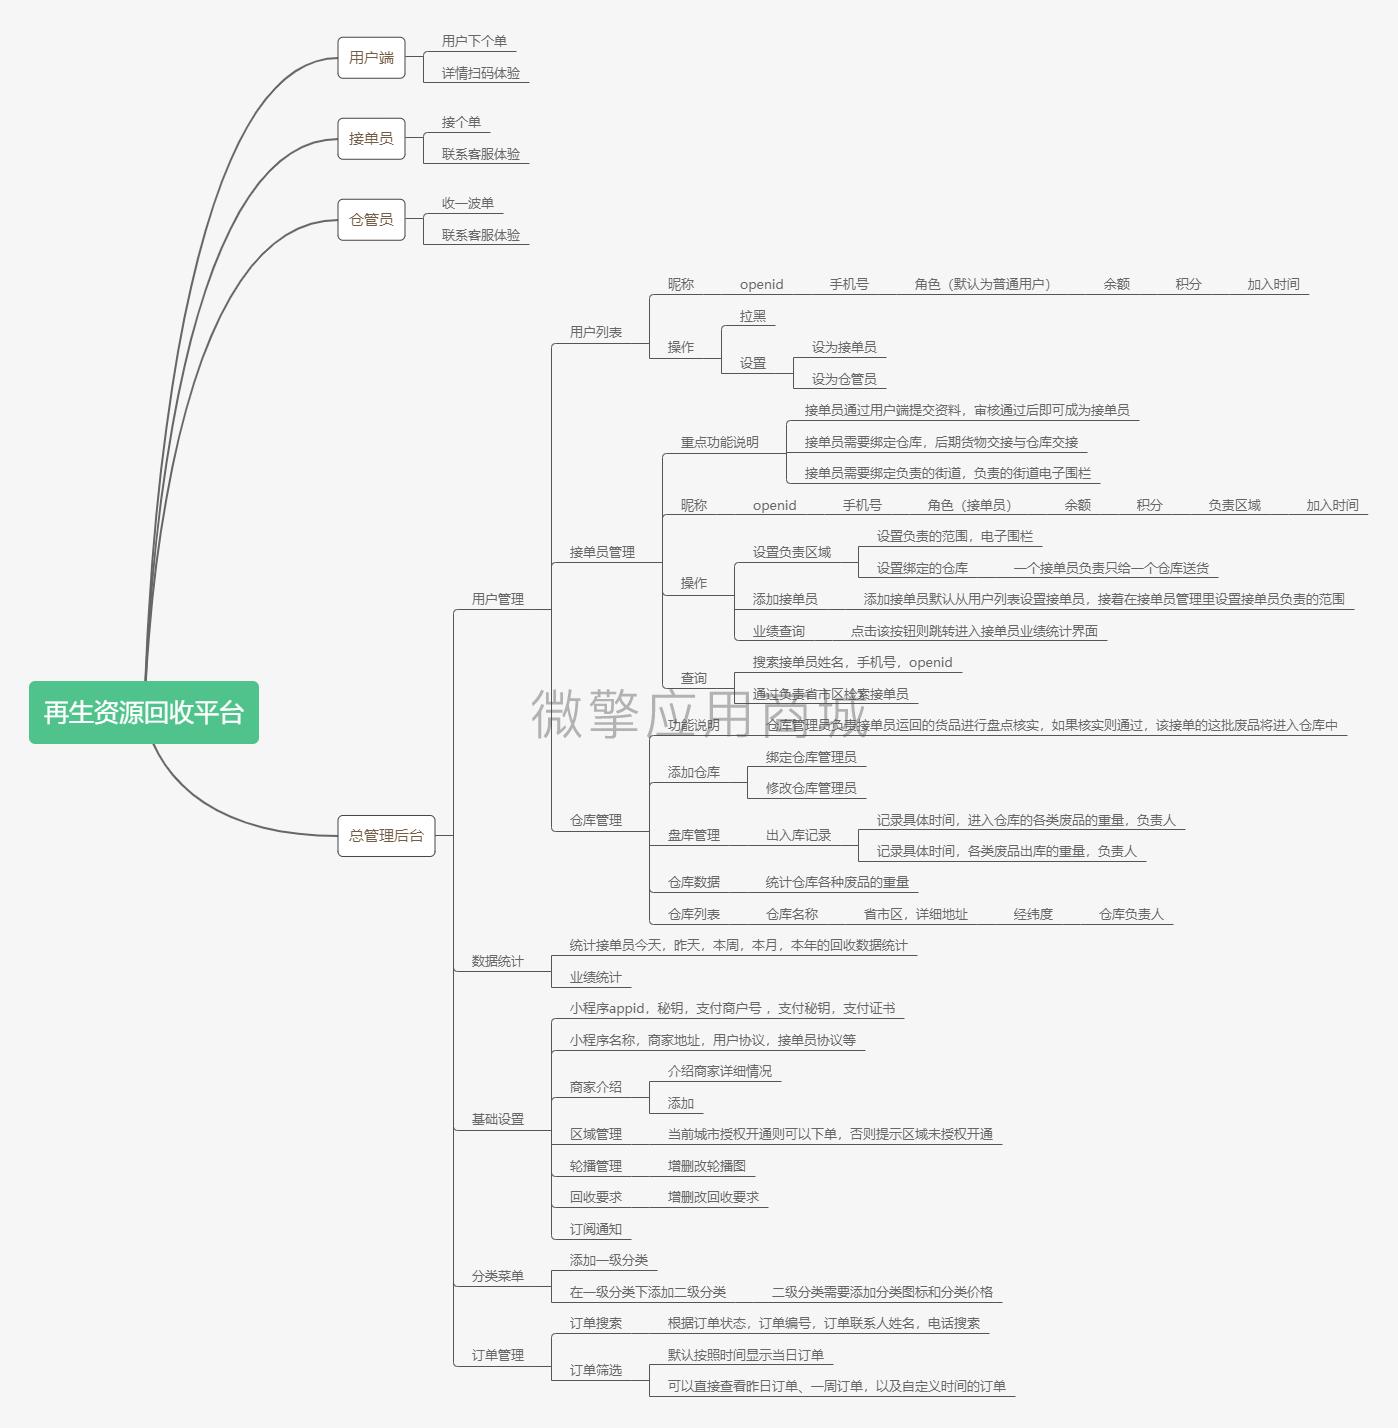 再生资源回收平台 (1).jpg